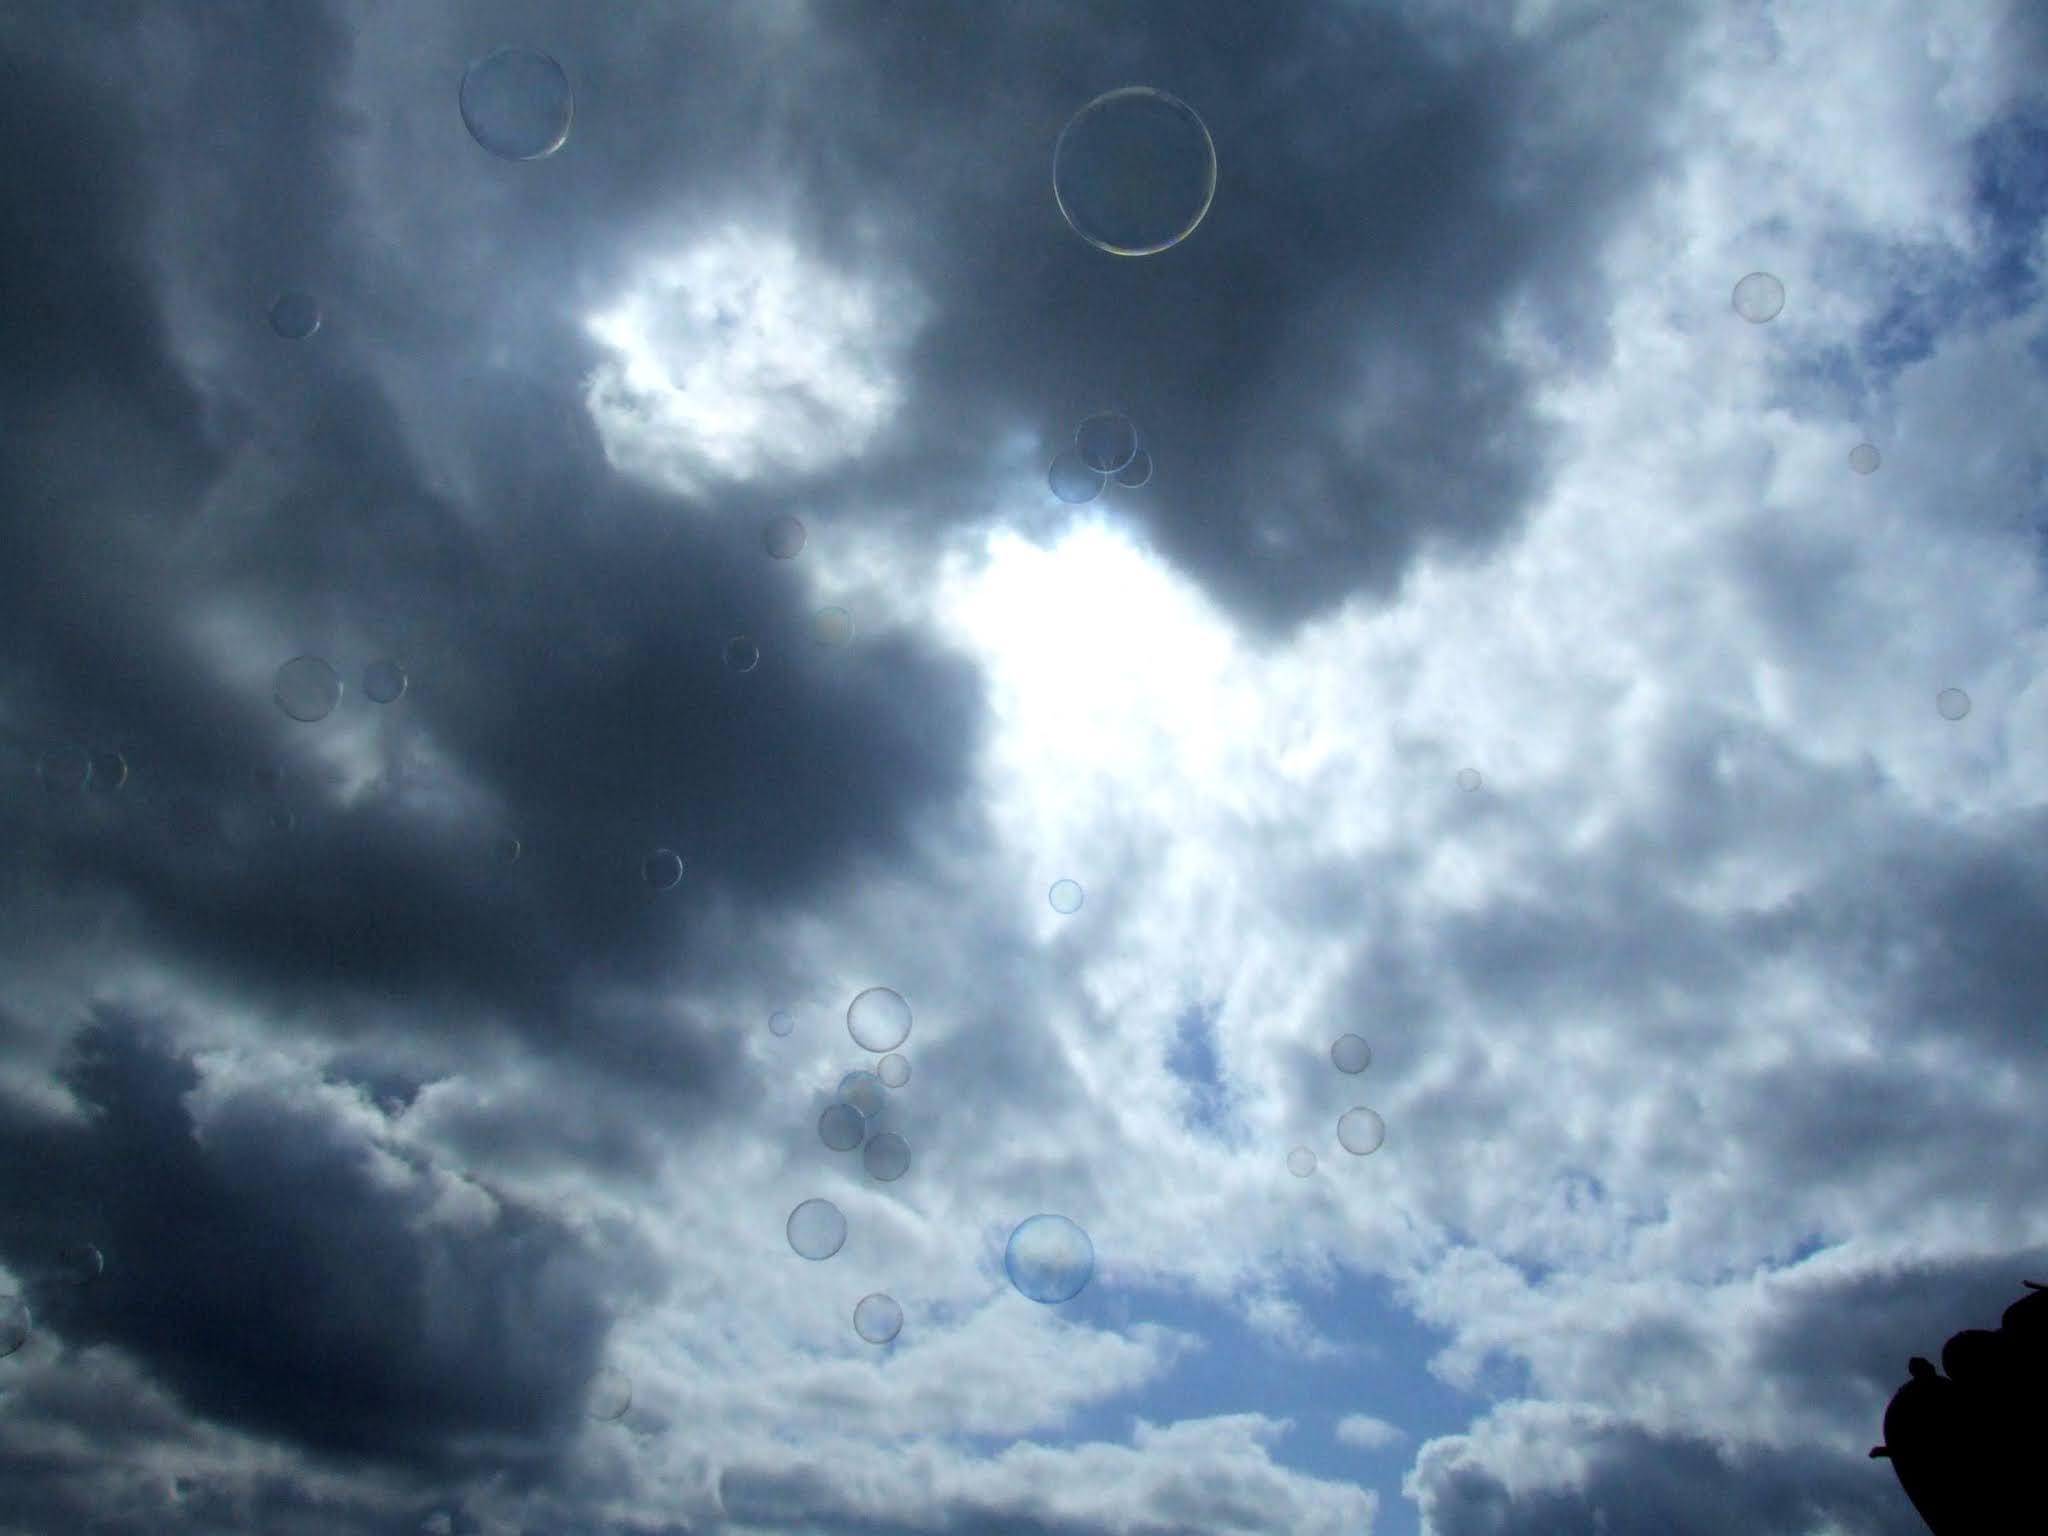 真っ青な空と白い雲に、シャボン玉が飛んでいる風景の写真素材です。どこかファンタジックで非日常な印象を与えます。